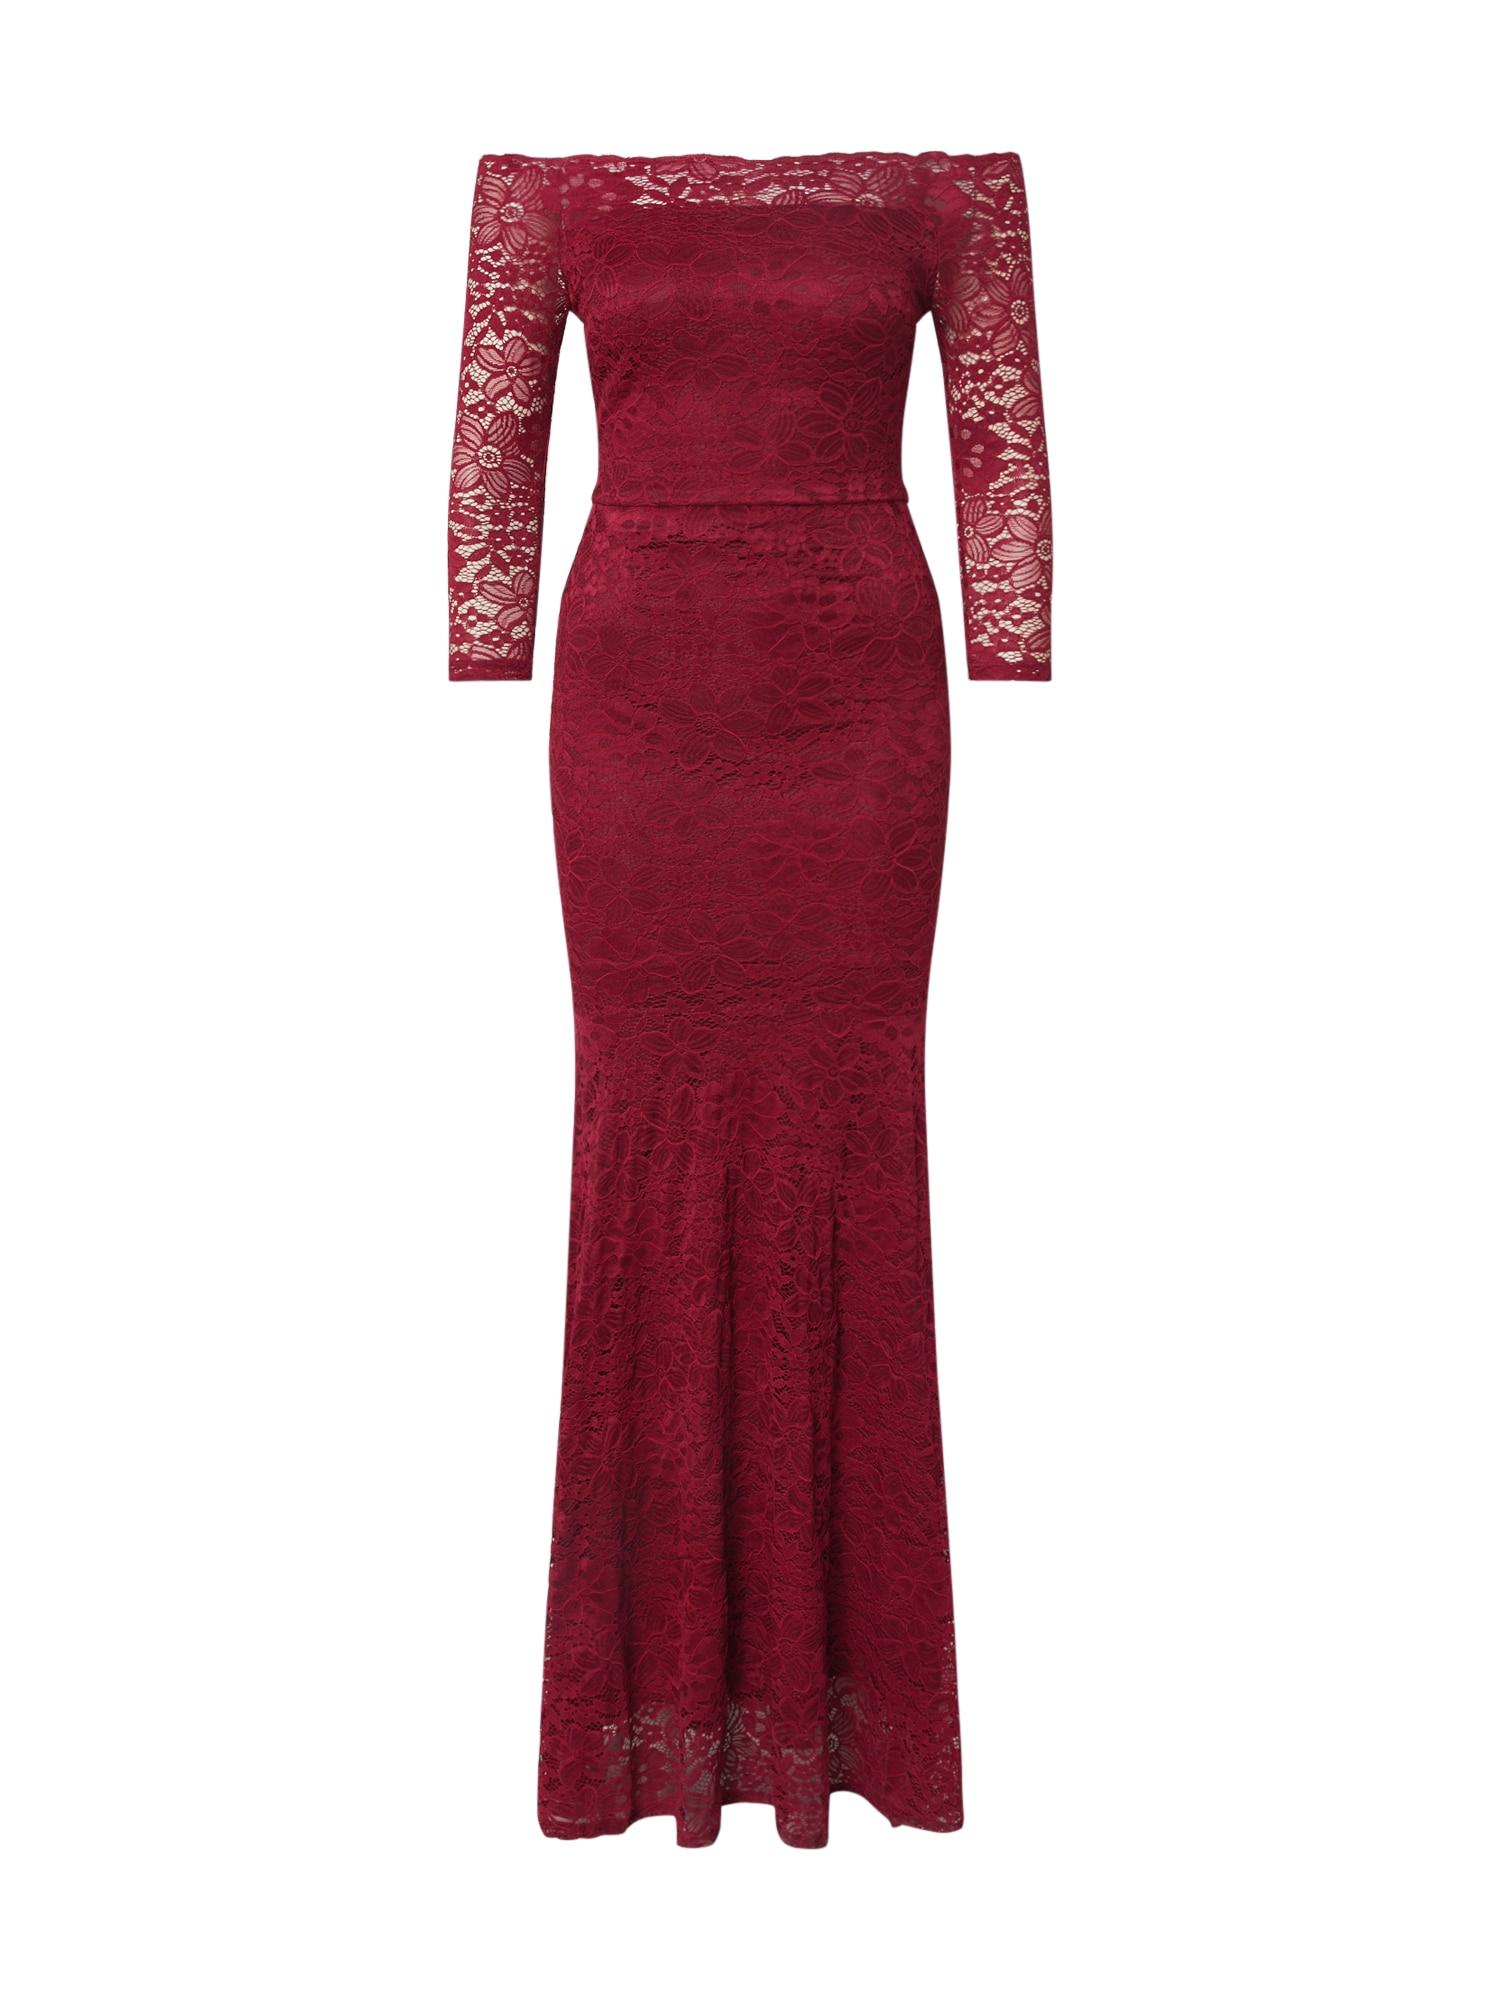 WAL G. Vakarinė suknelė vyno raudona spalva